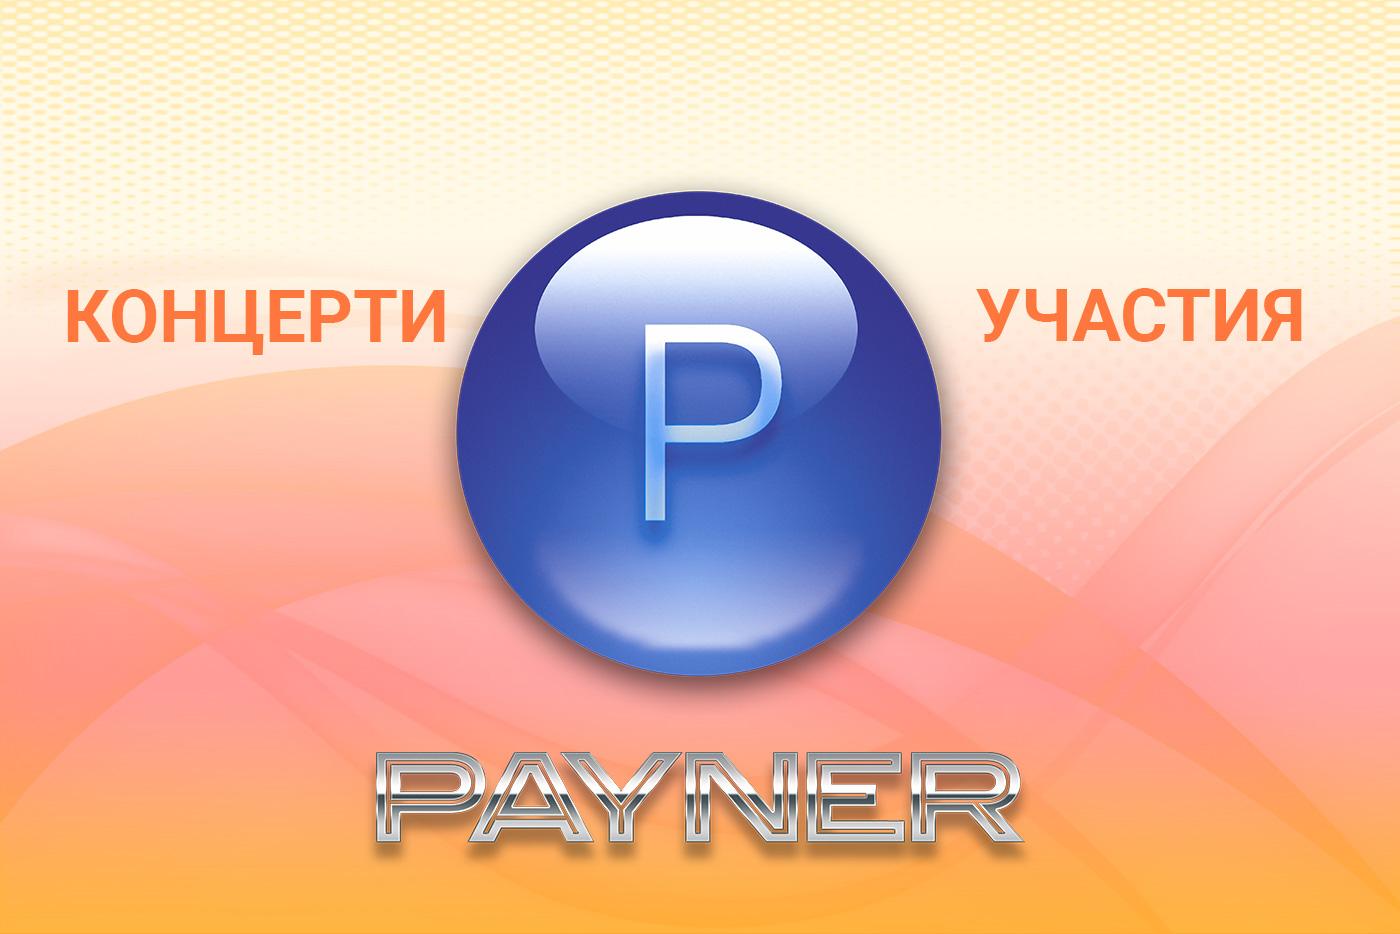 """Участия на звездите на """"Пайнер"""" на 14.12.2018"""